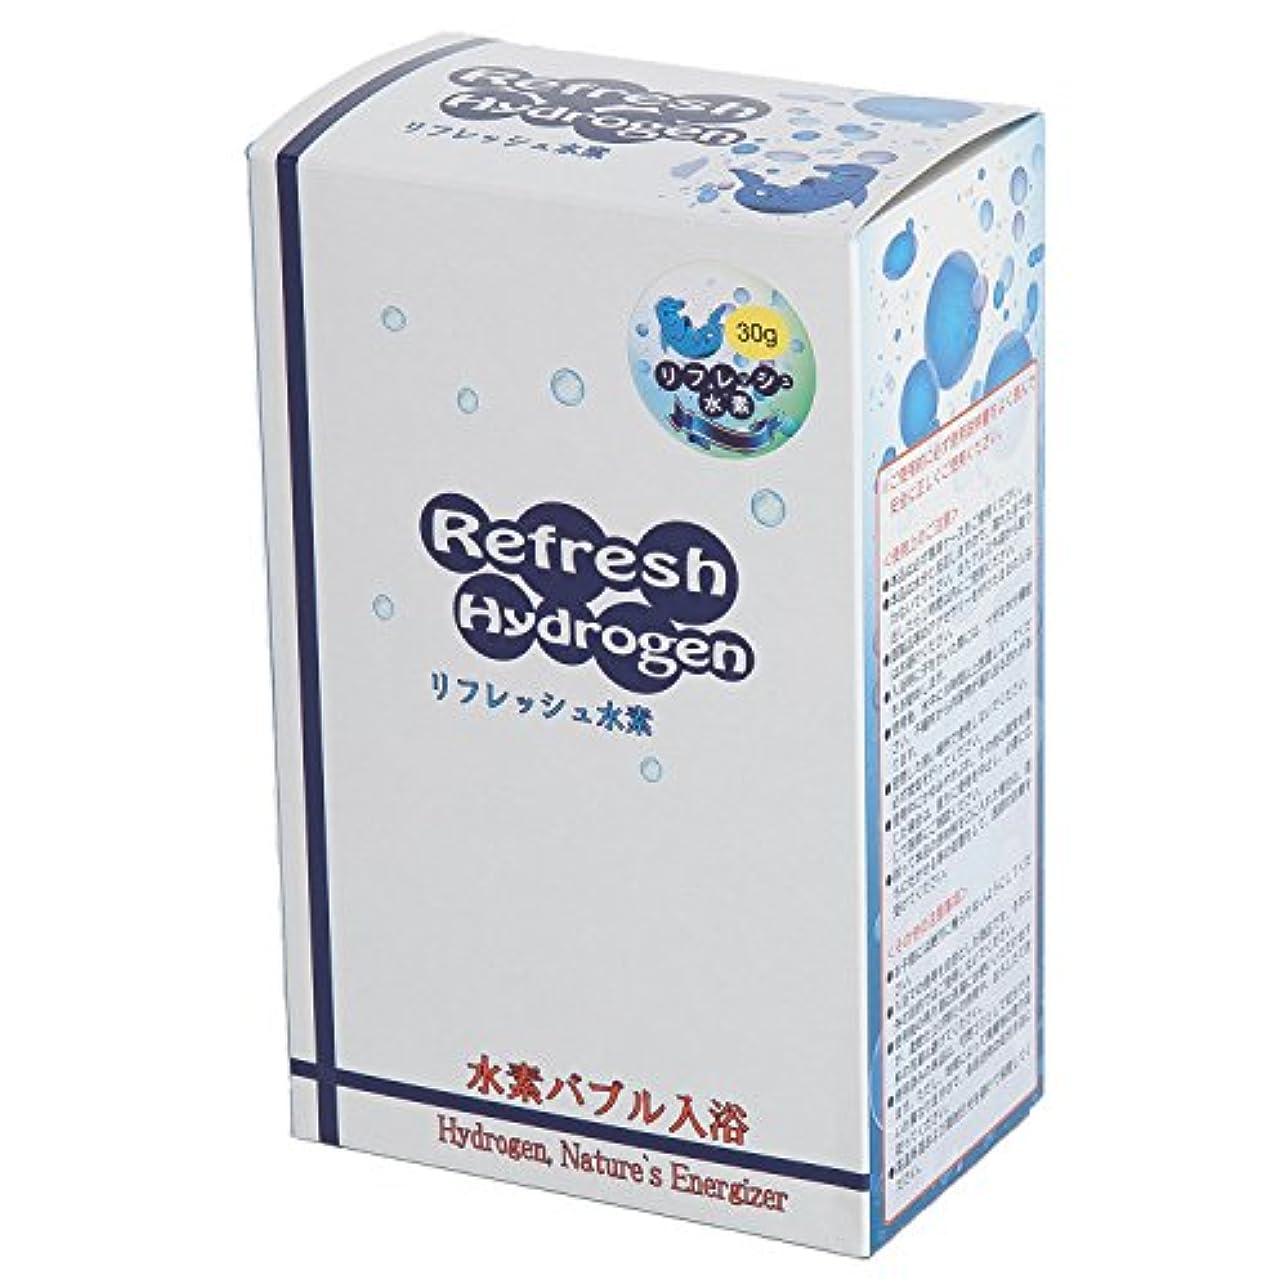 宇宙の開いた布水素風呂 リフレッシュ水素 替用 30g(6包入)